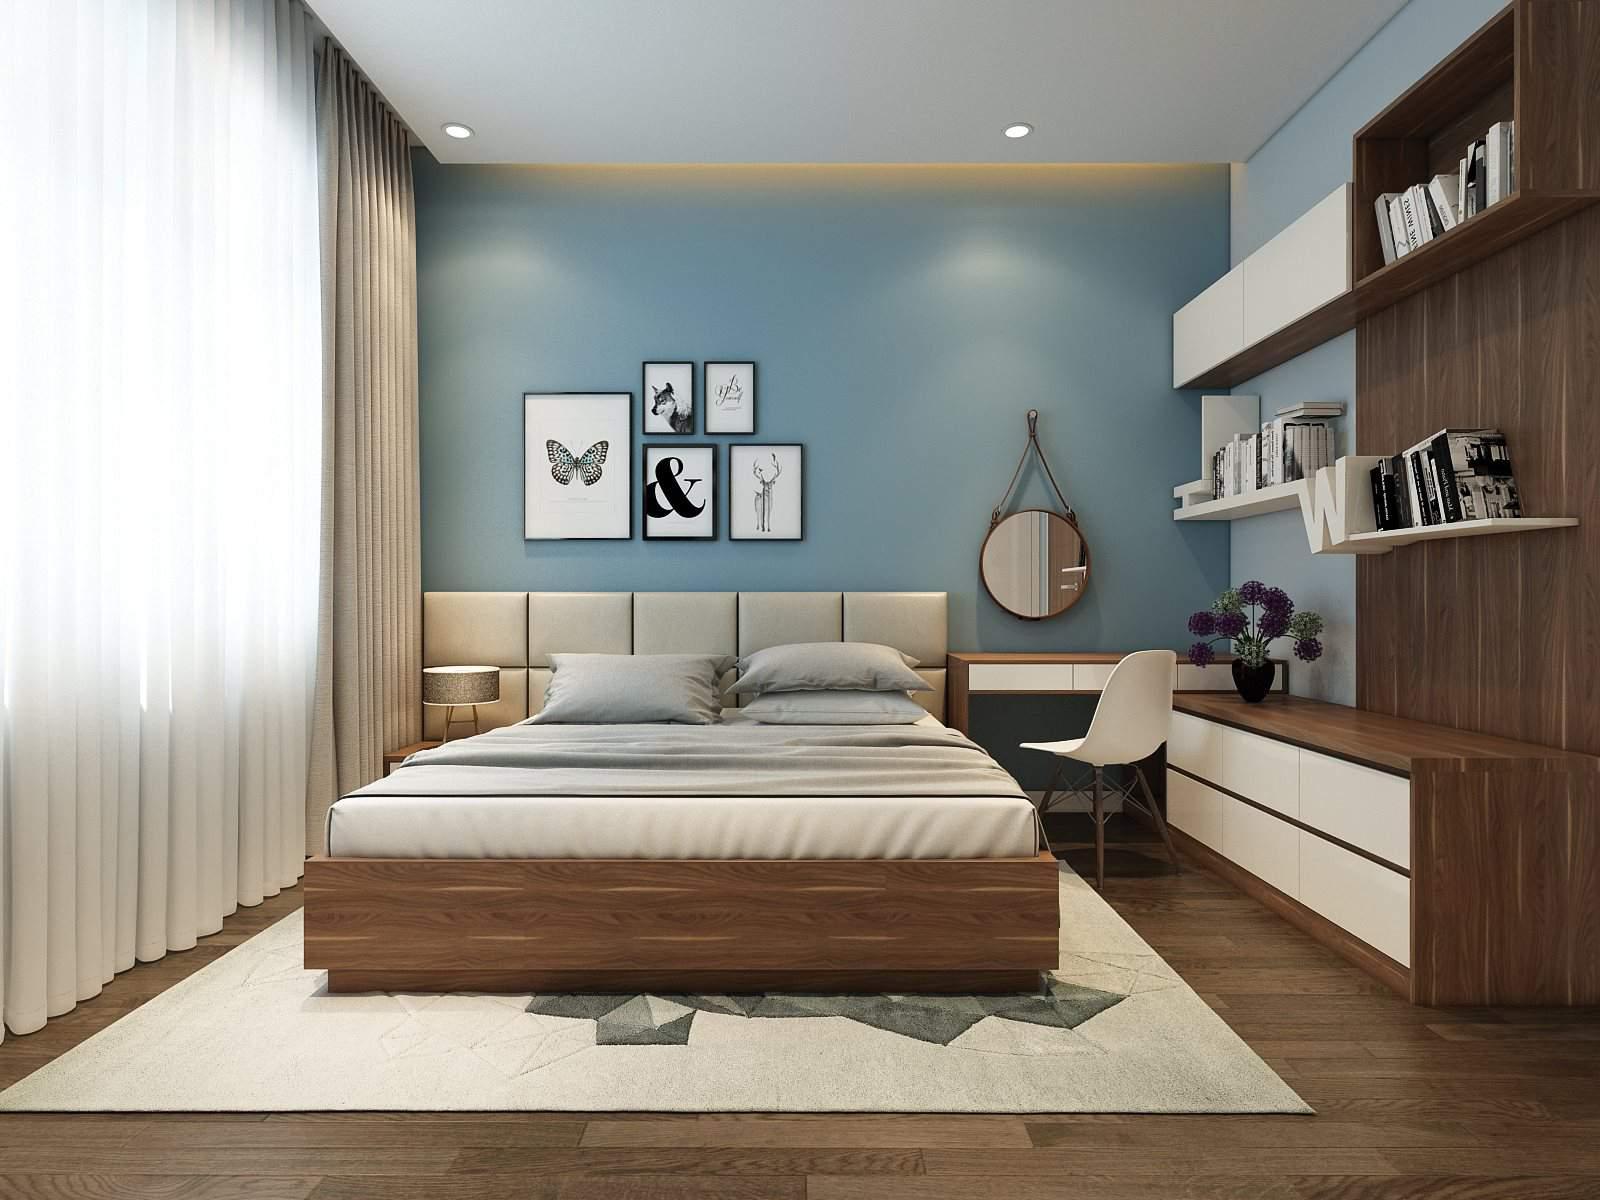 Thiết kế nội thất phòng ngủ đẹp hiện đại cho người mệnh Thủy